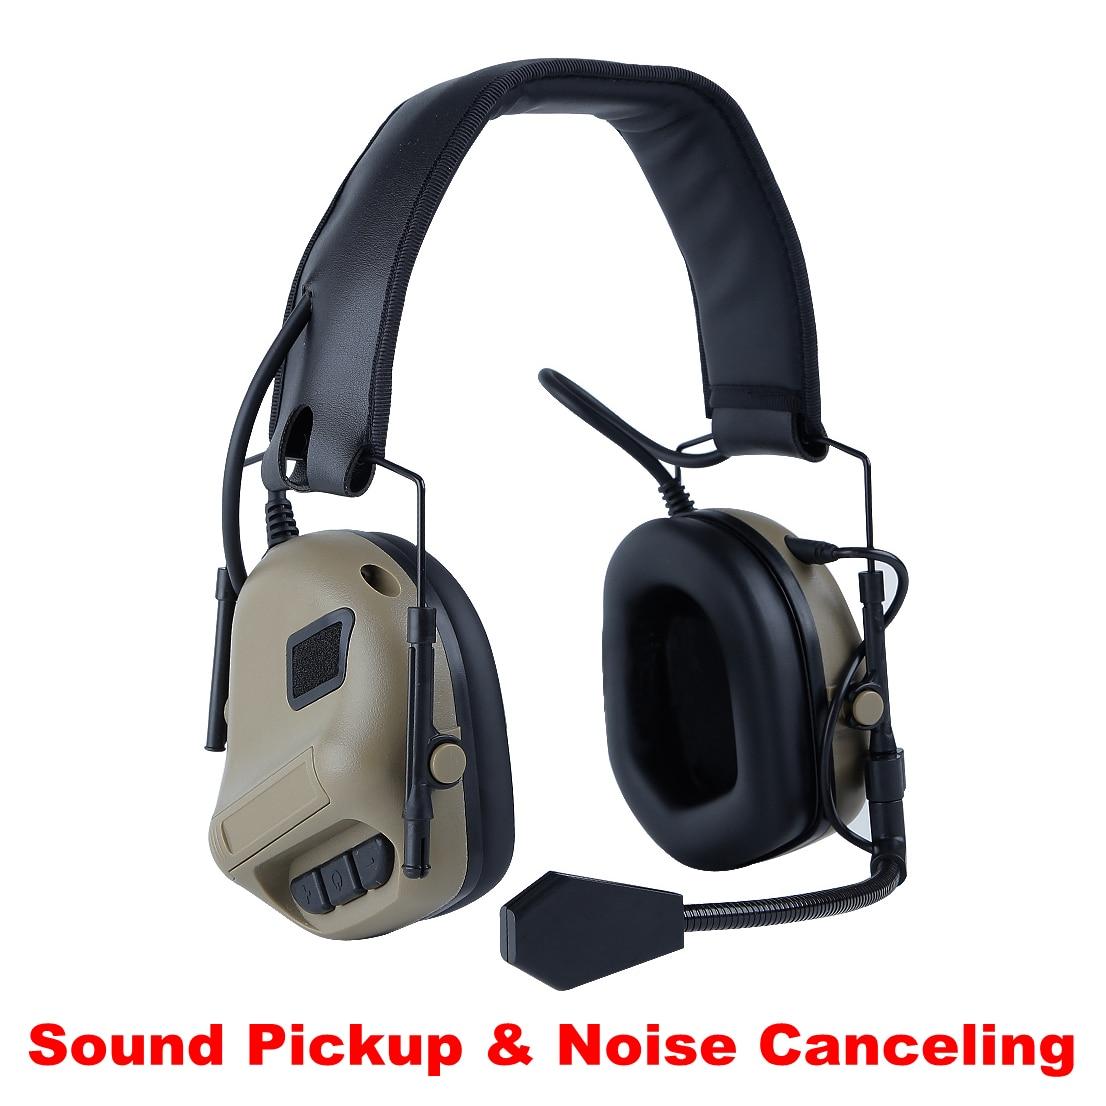 protetor auditivo earmuffs taticos uso com ptt anti ruido cancelamento de ruido fones de ouvido fone